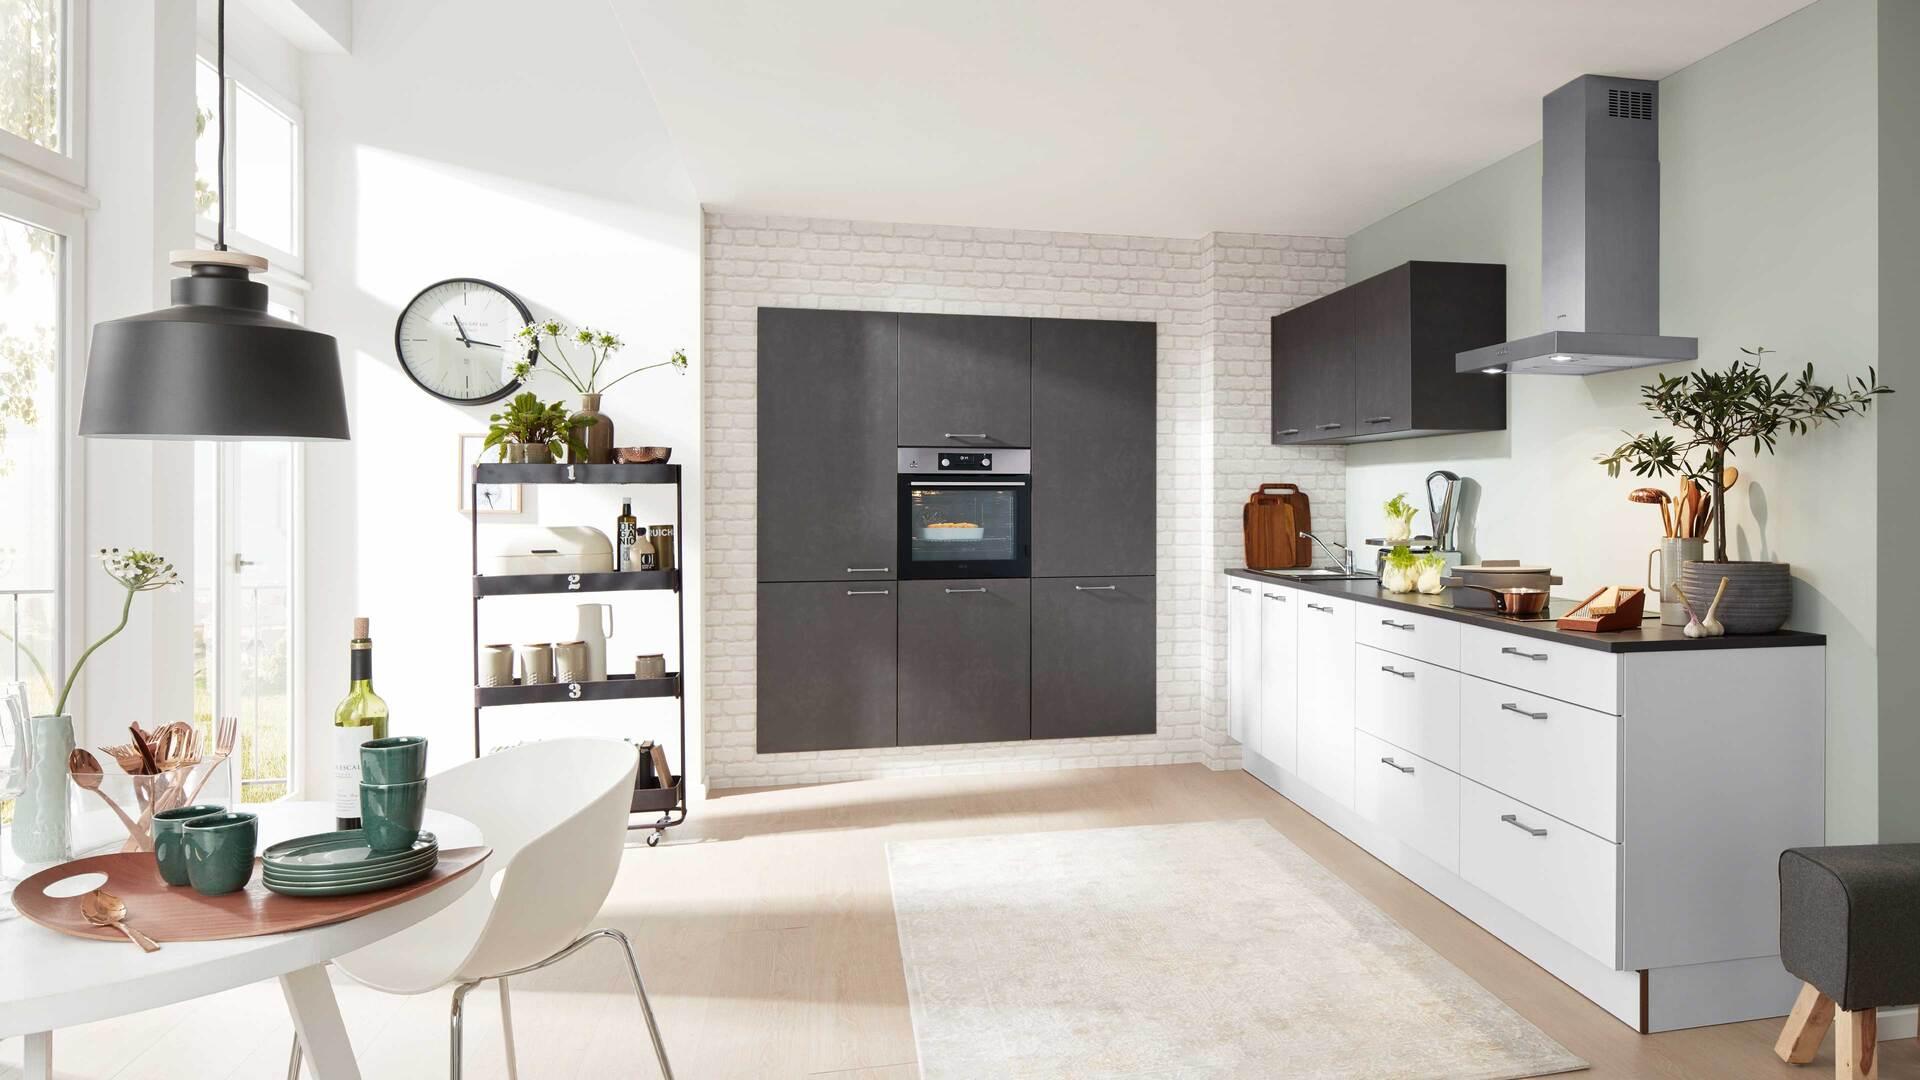 Interliving Küche Serie 3019 mit AEG Einbaugeräten